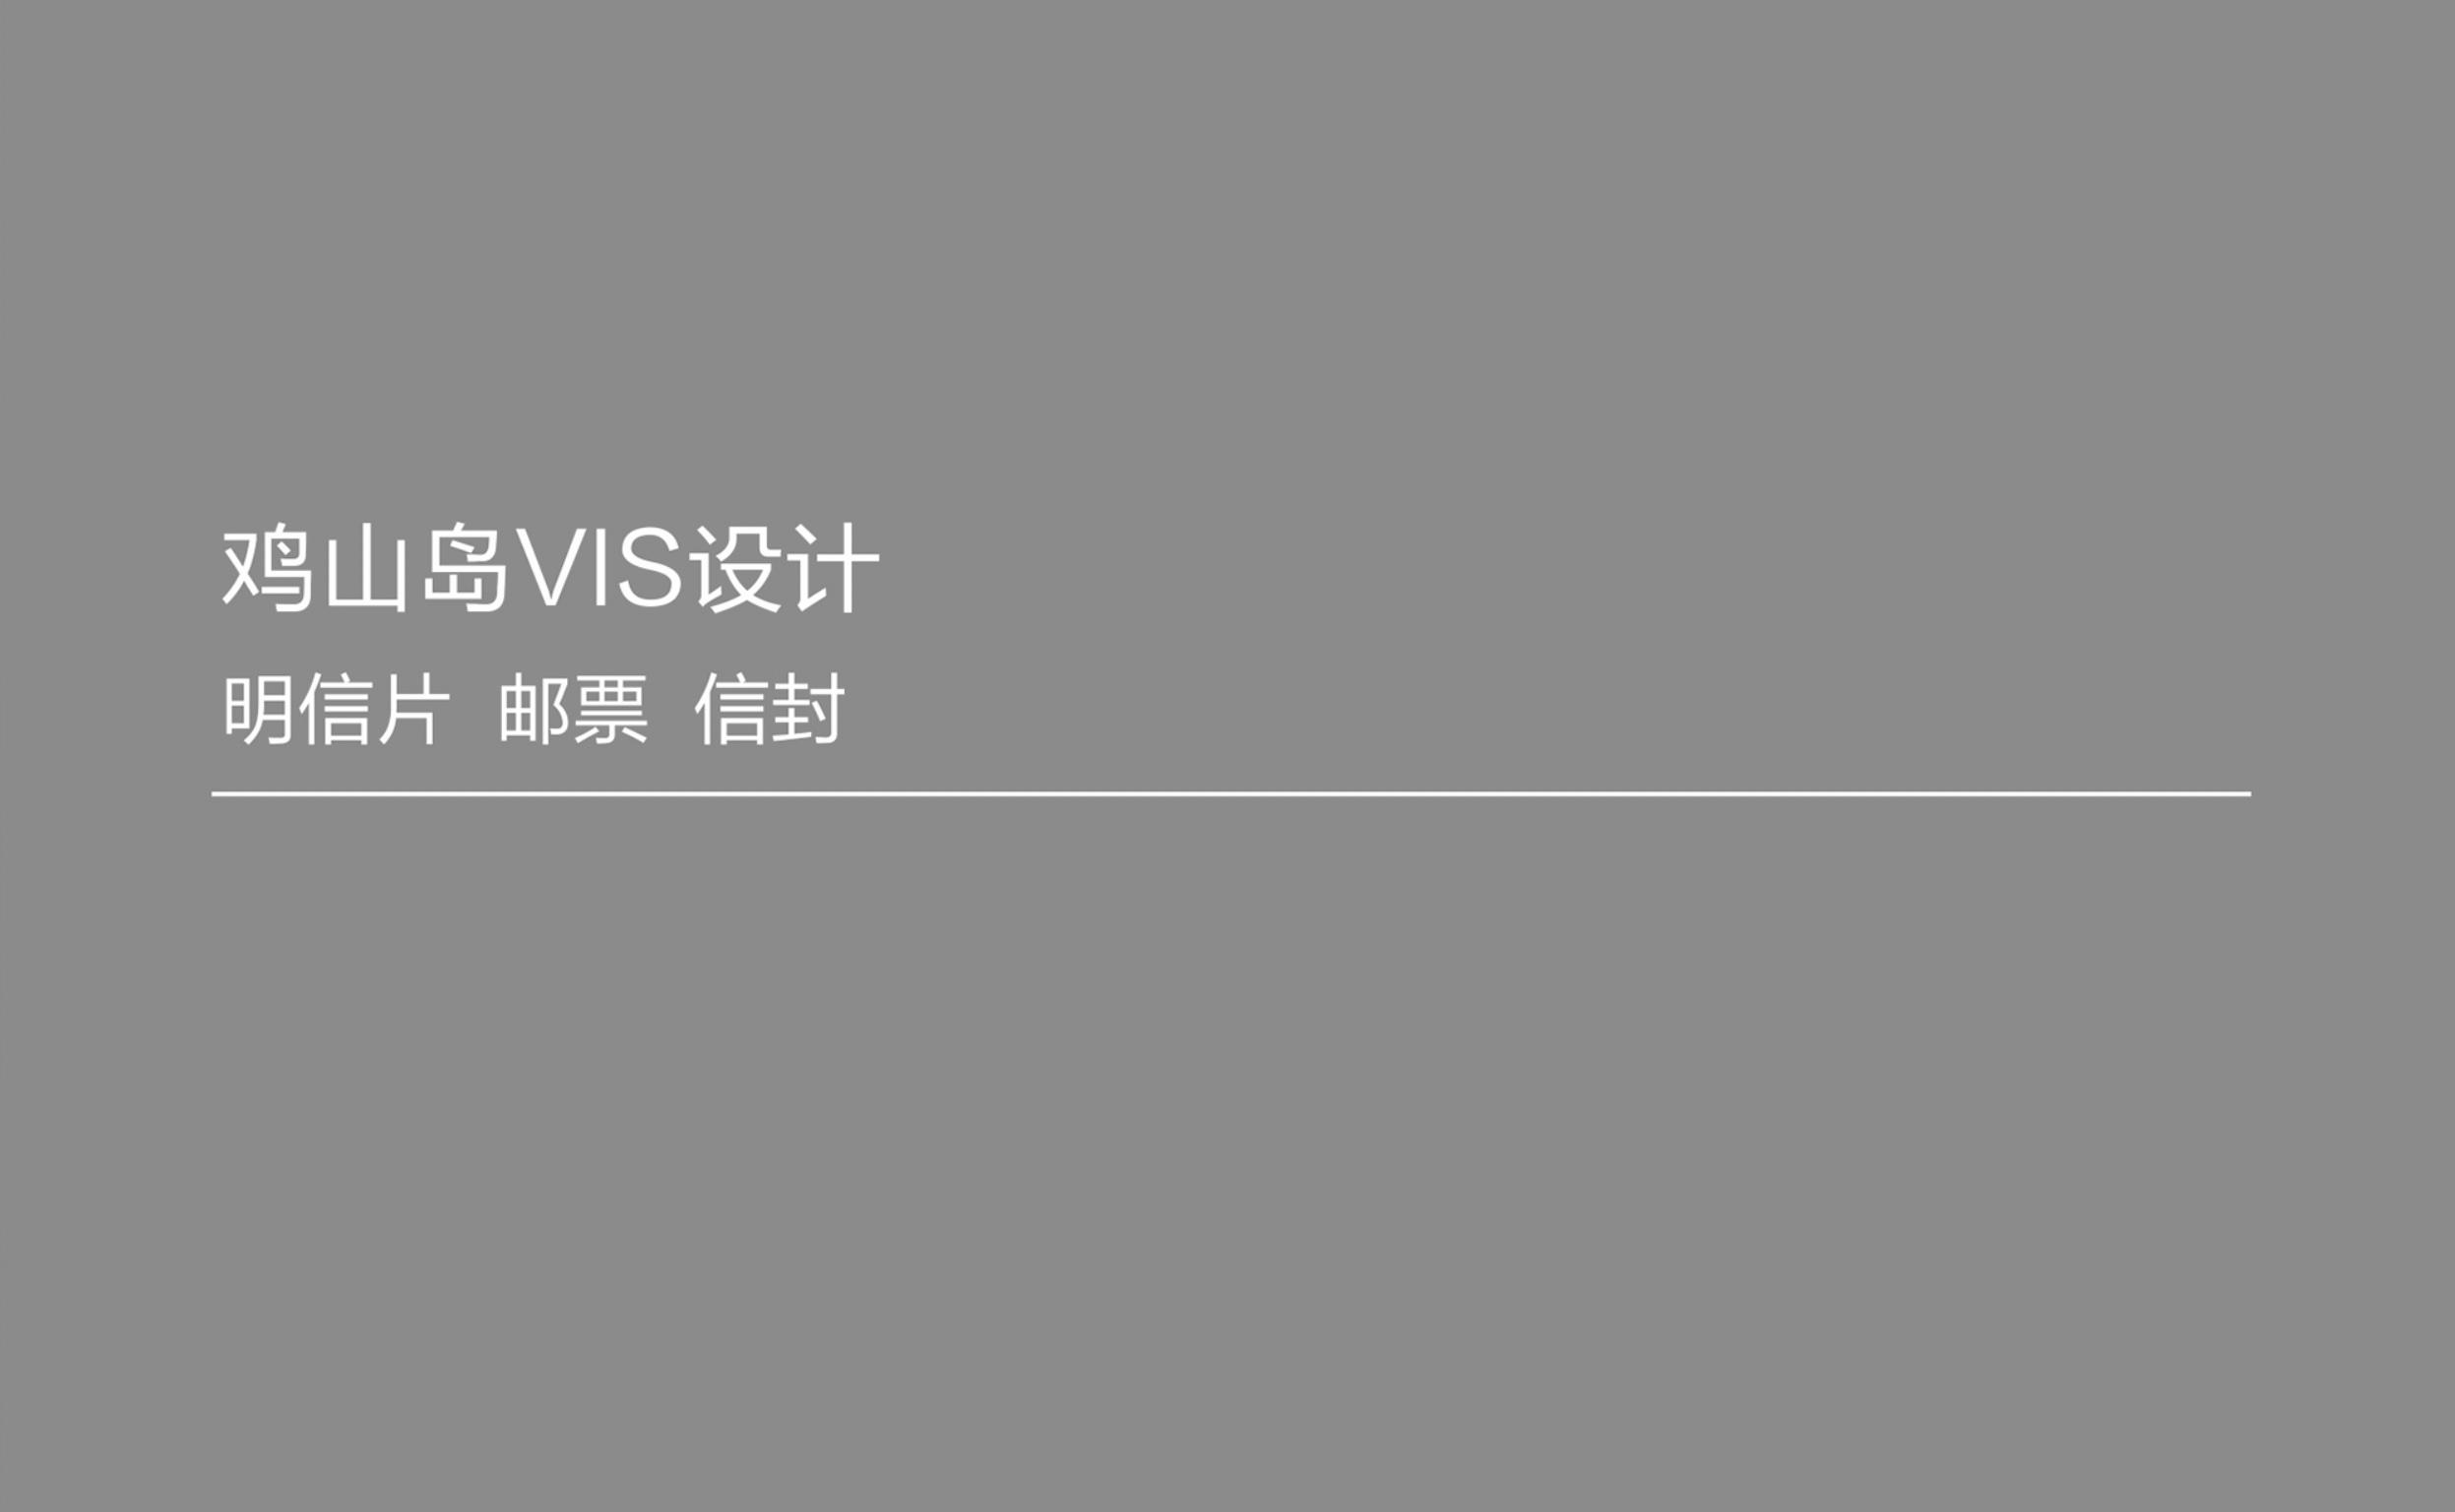 Xnip2020-08-28_09-47-40